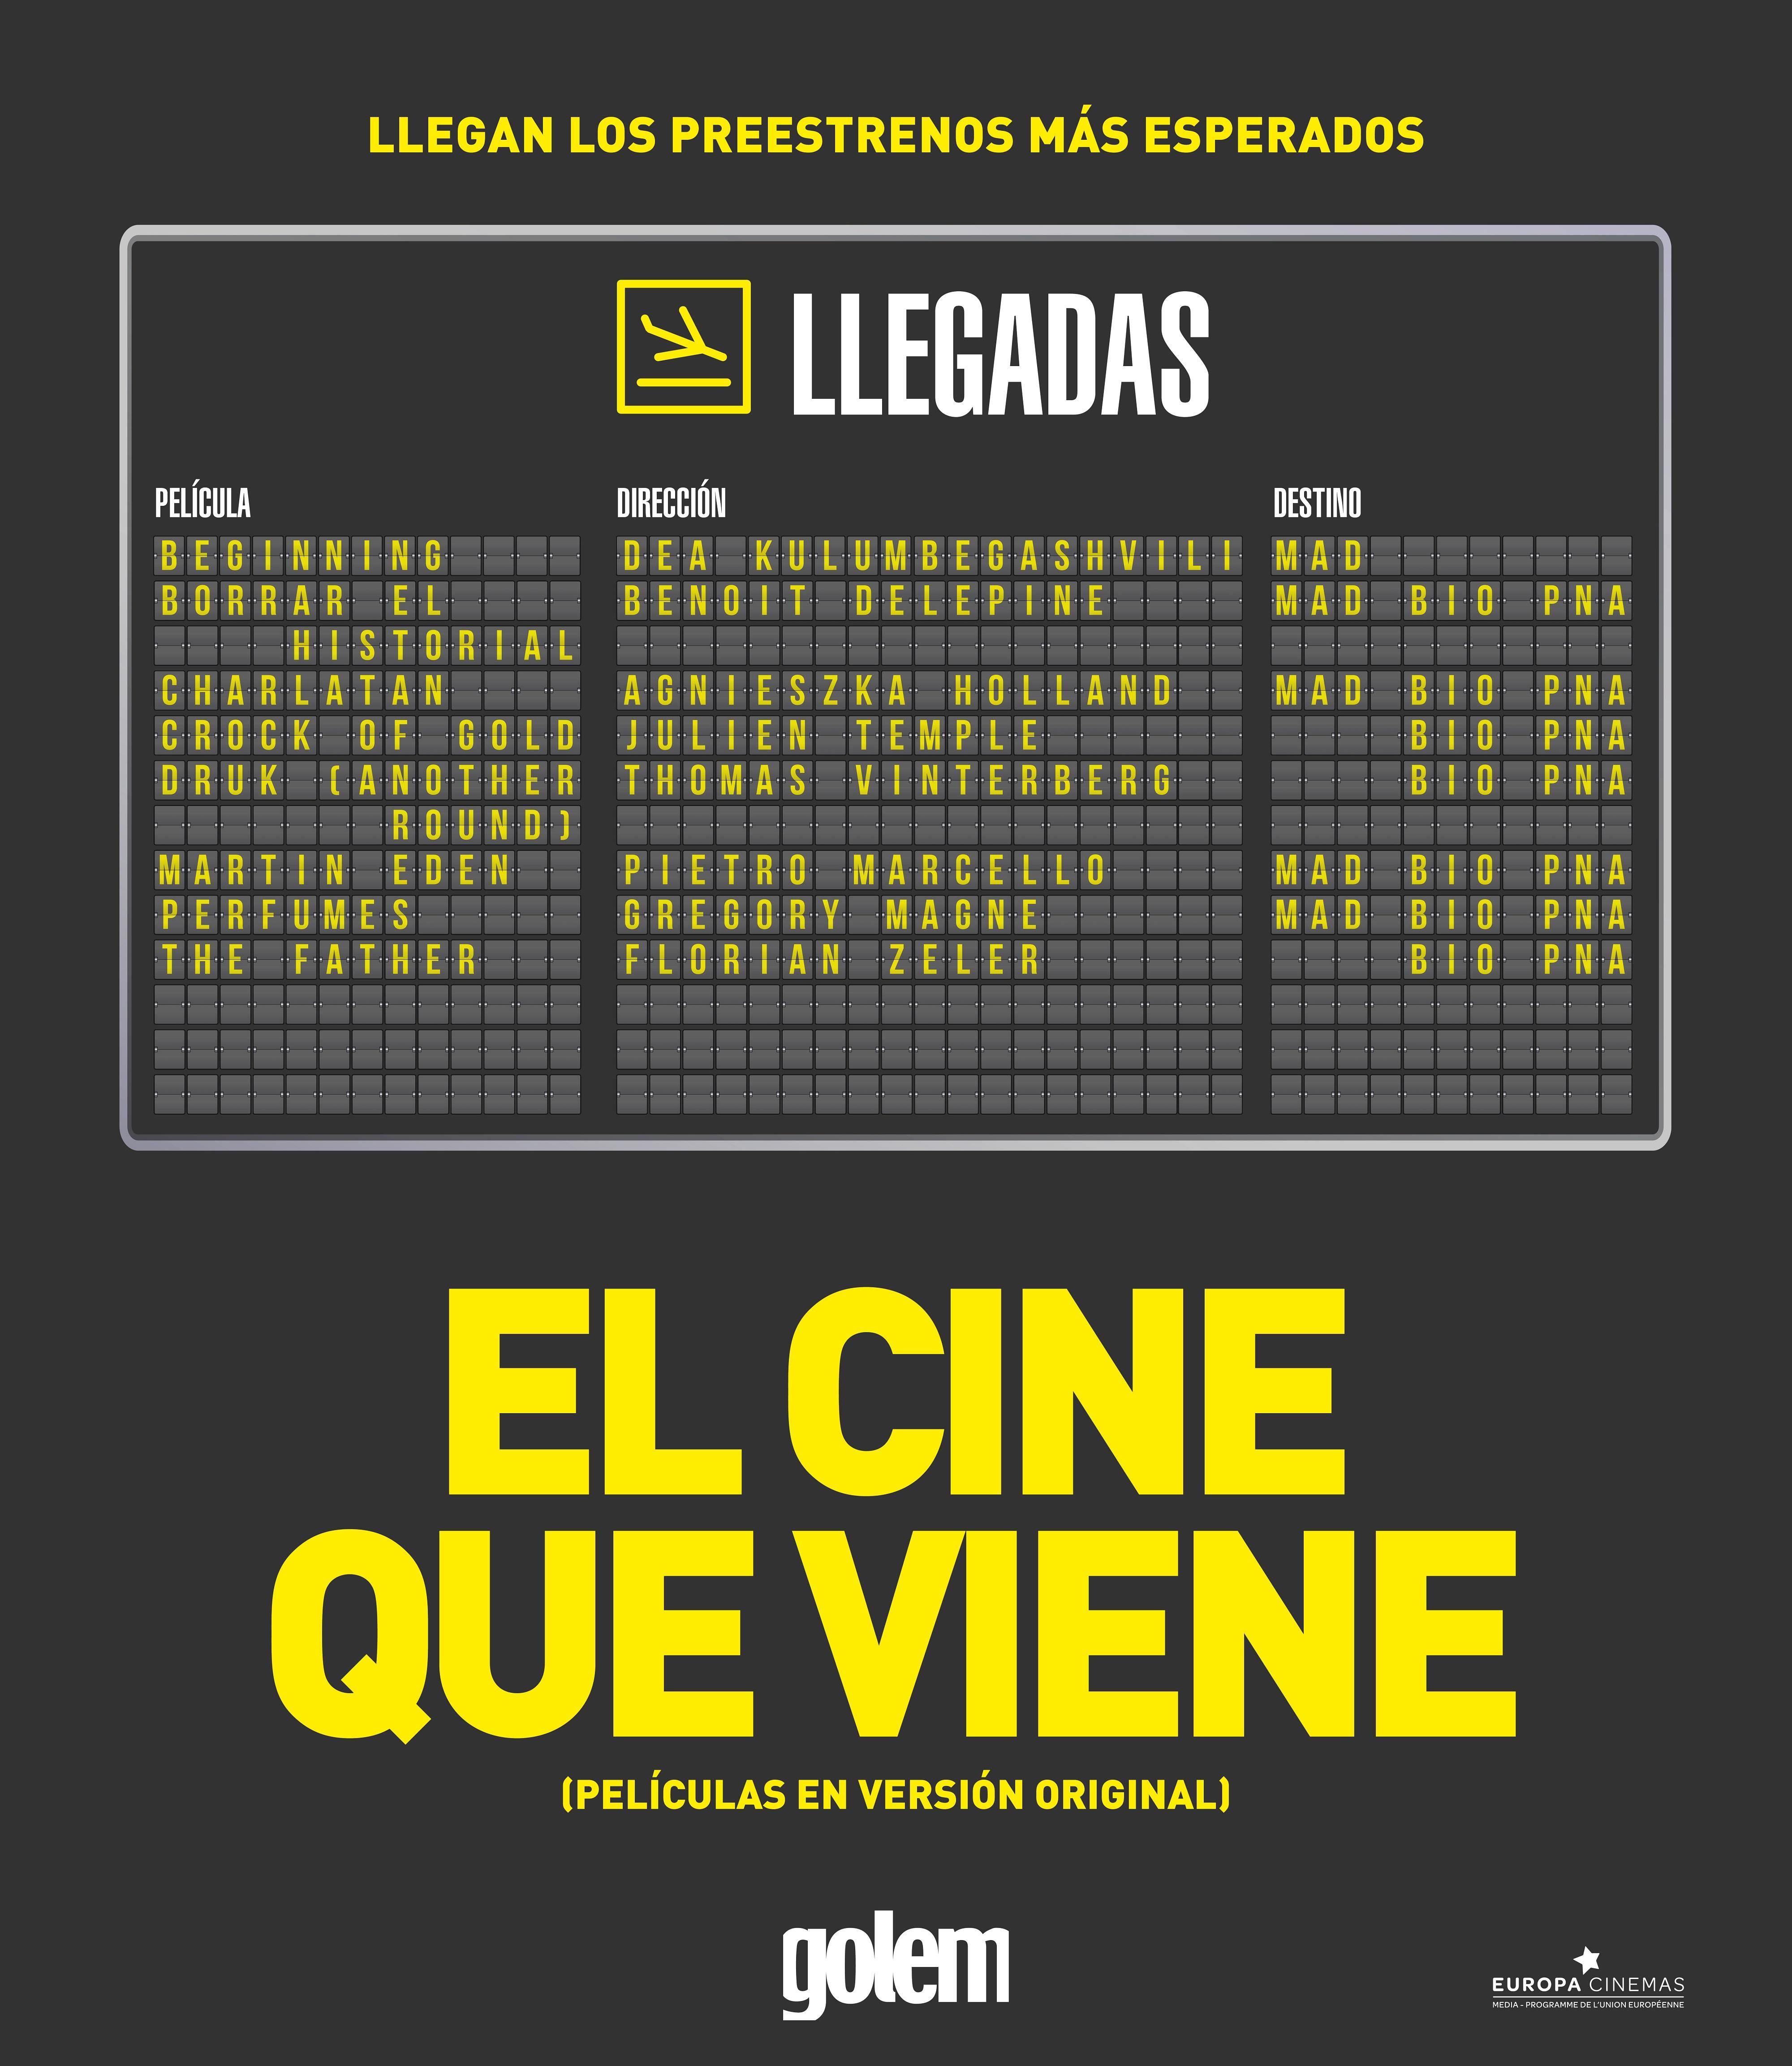 'El cine que viene', un evento excepcional organizado por Cines Golem